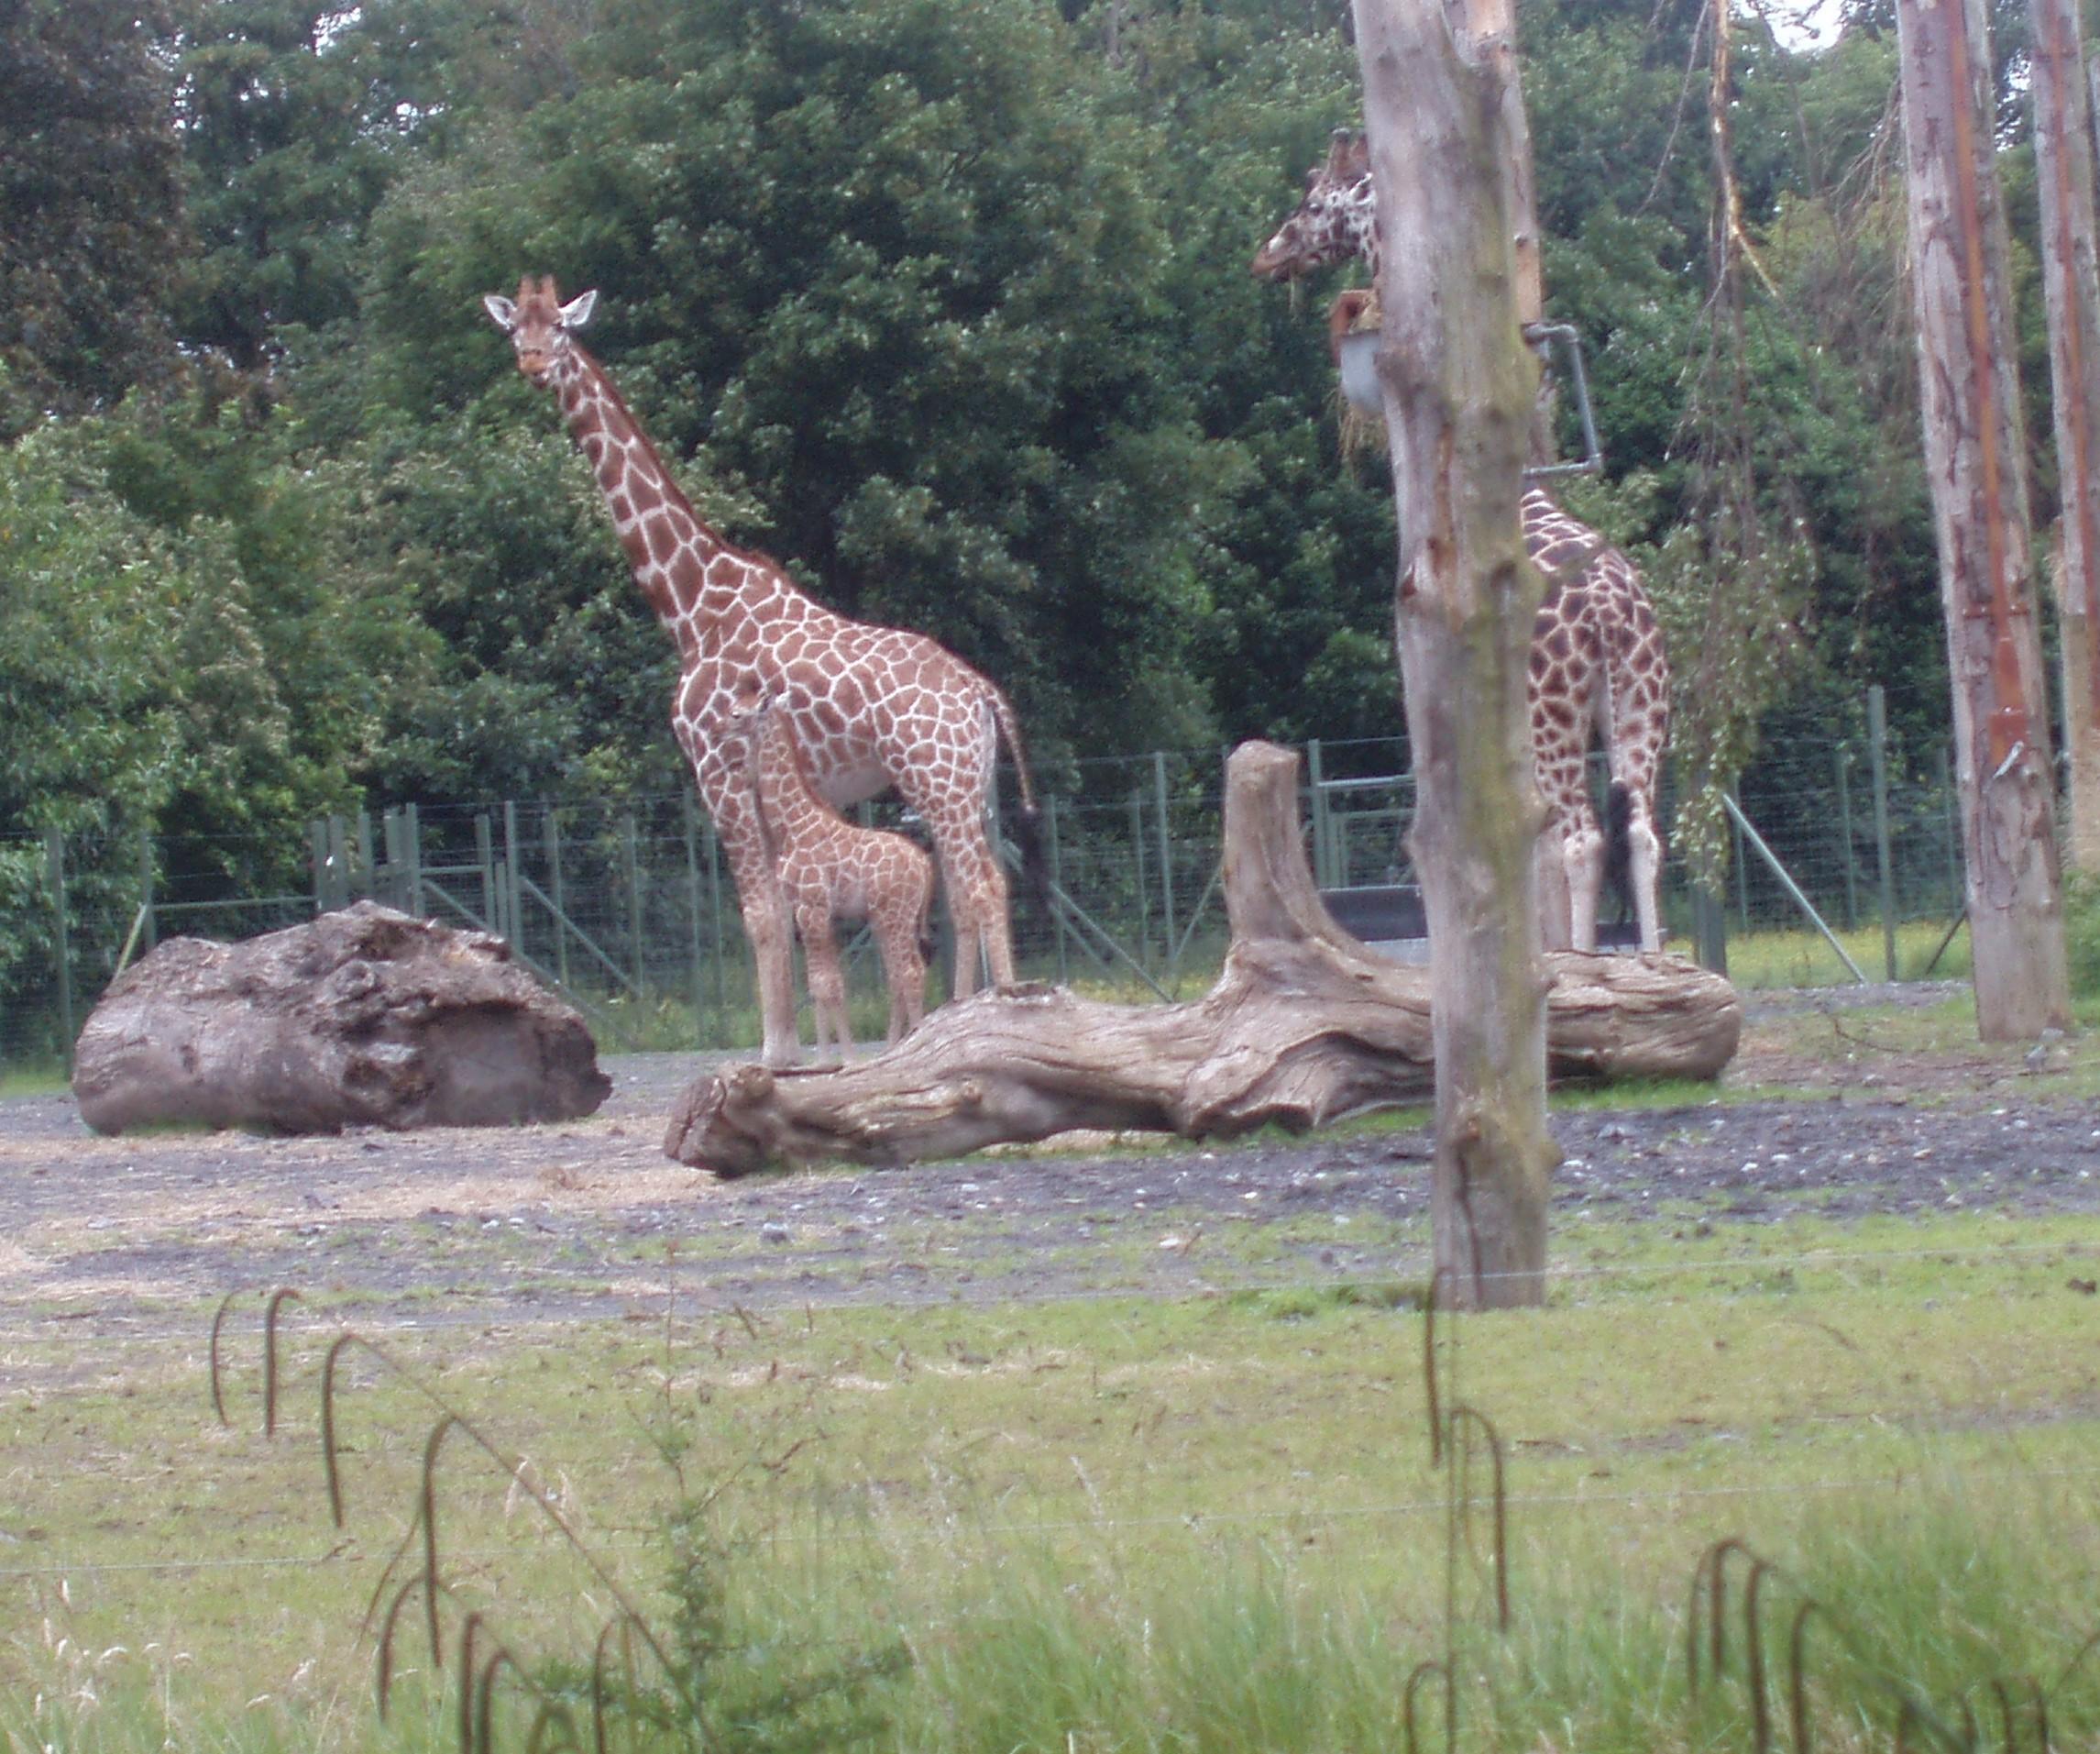 Dublin Zoo